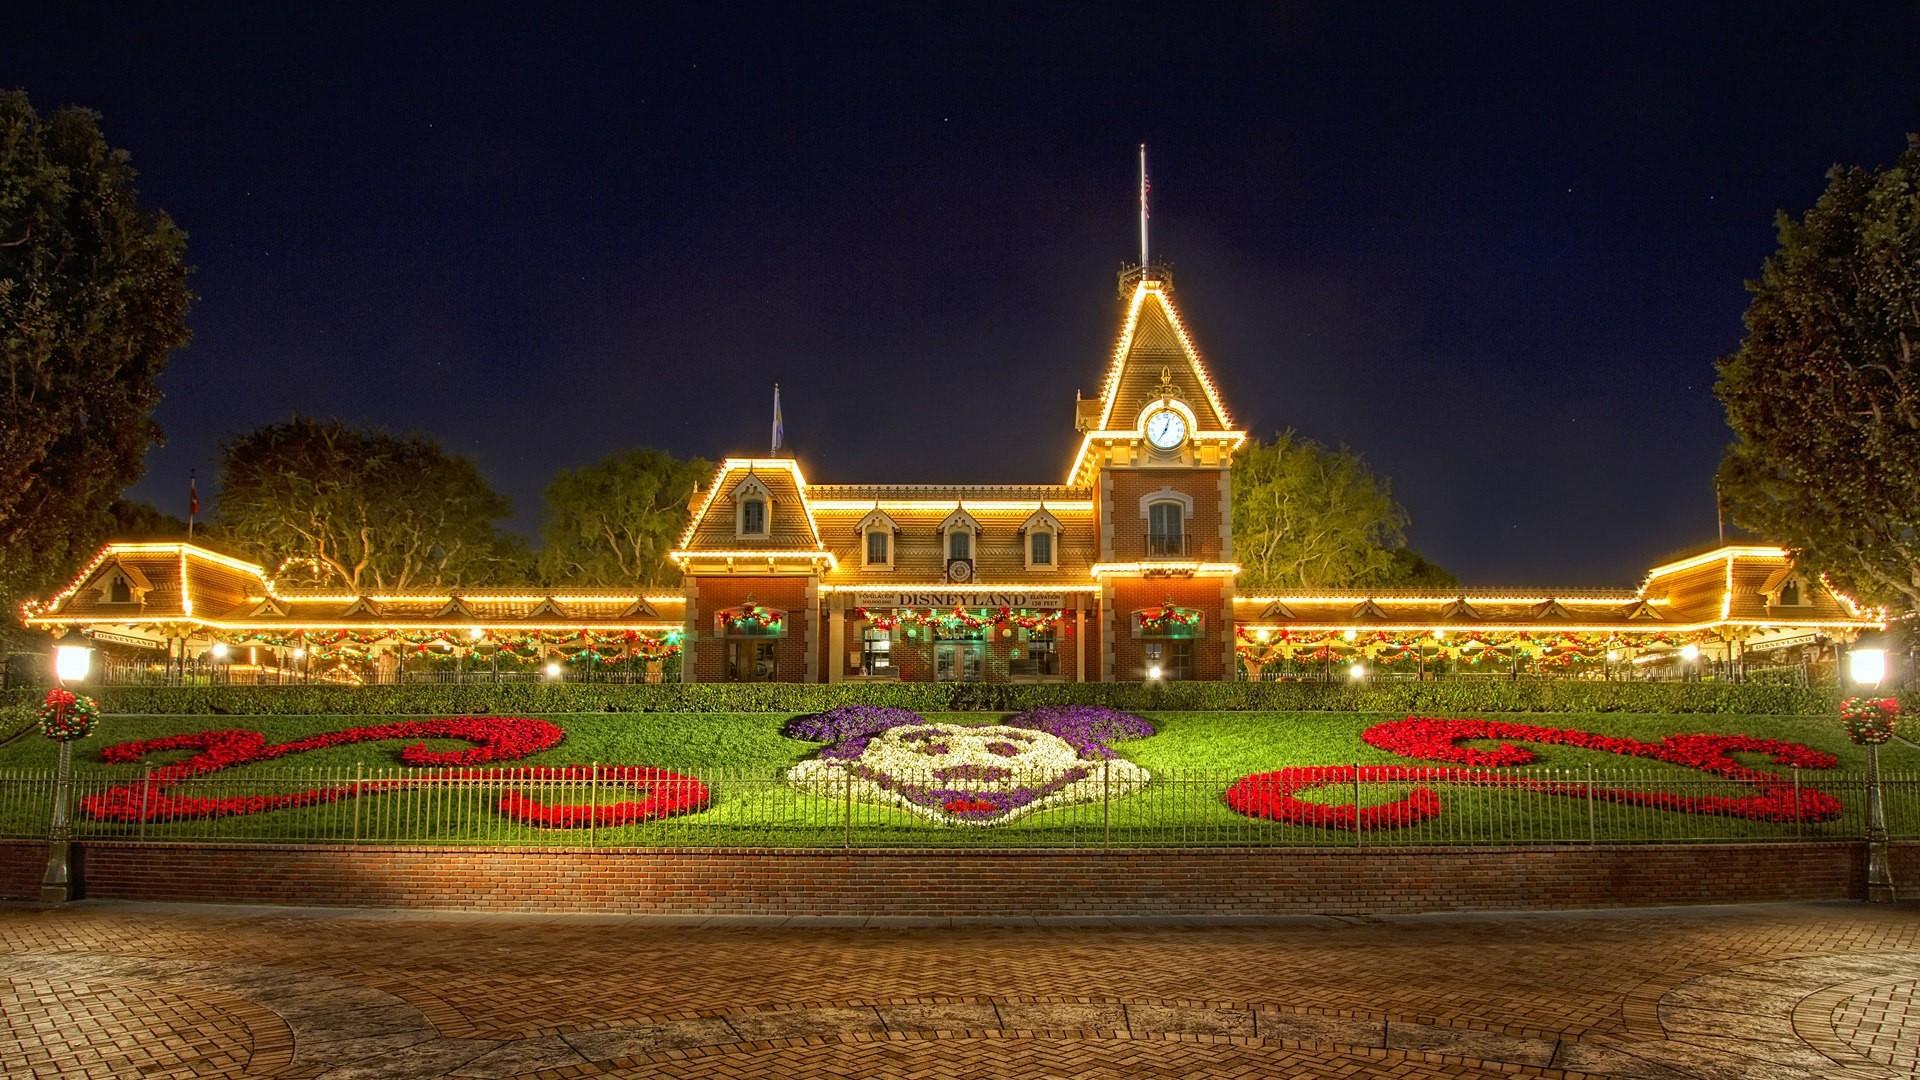 Disneyland Computer Wallpaper.